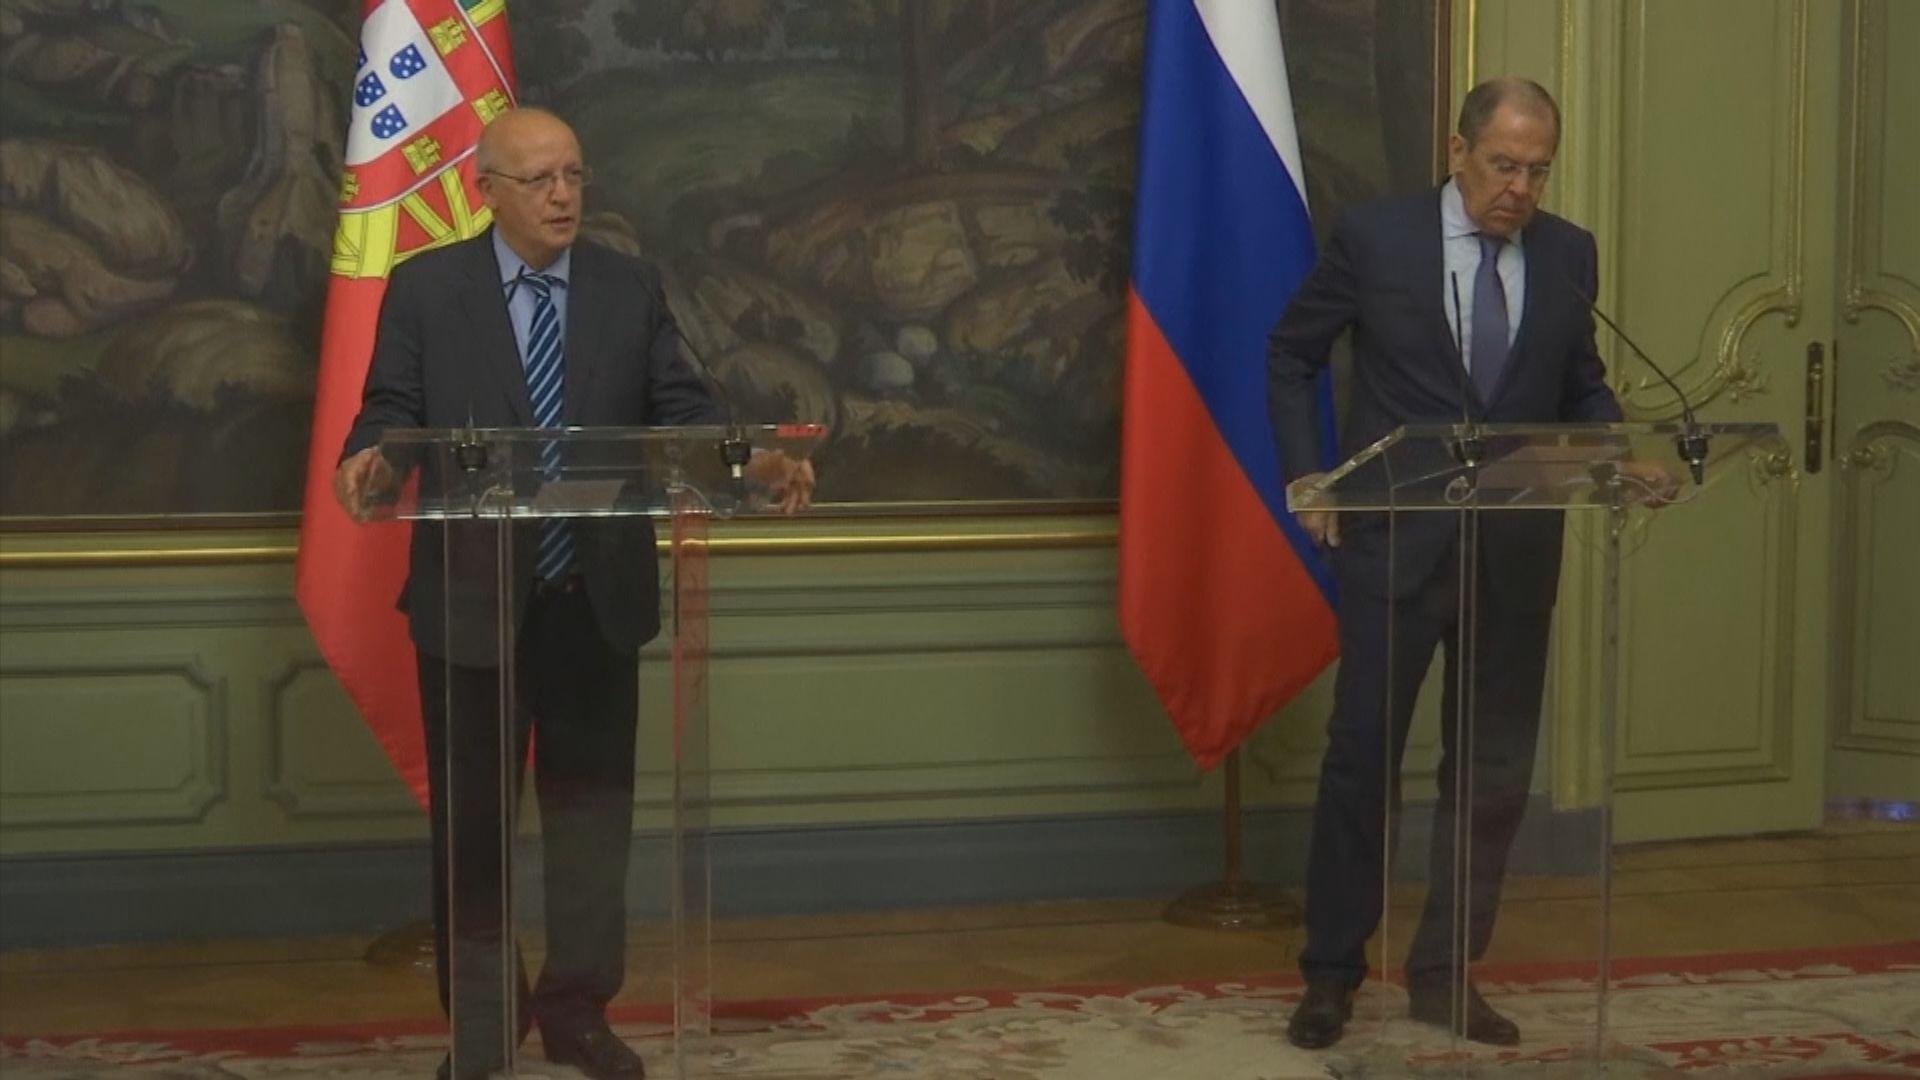 俄羅斯稱已準備好與拜登討論人權問題